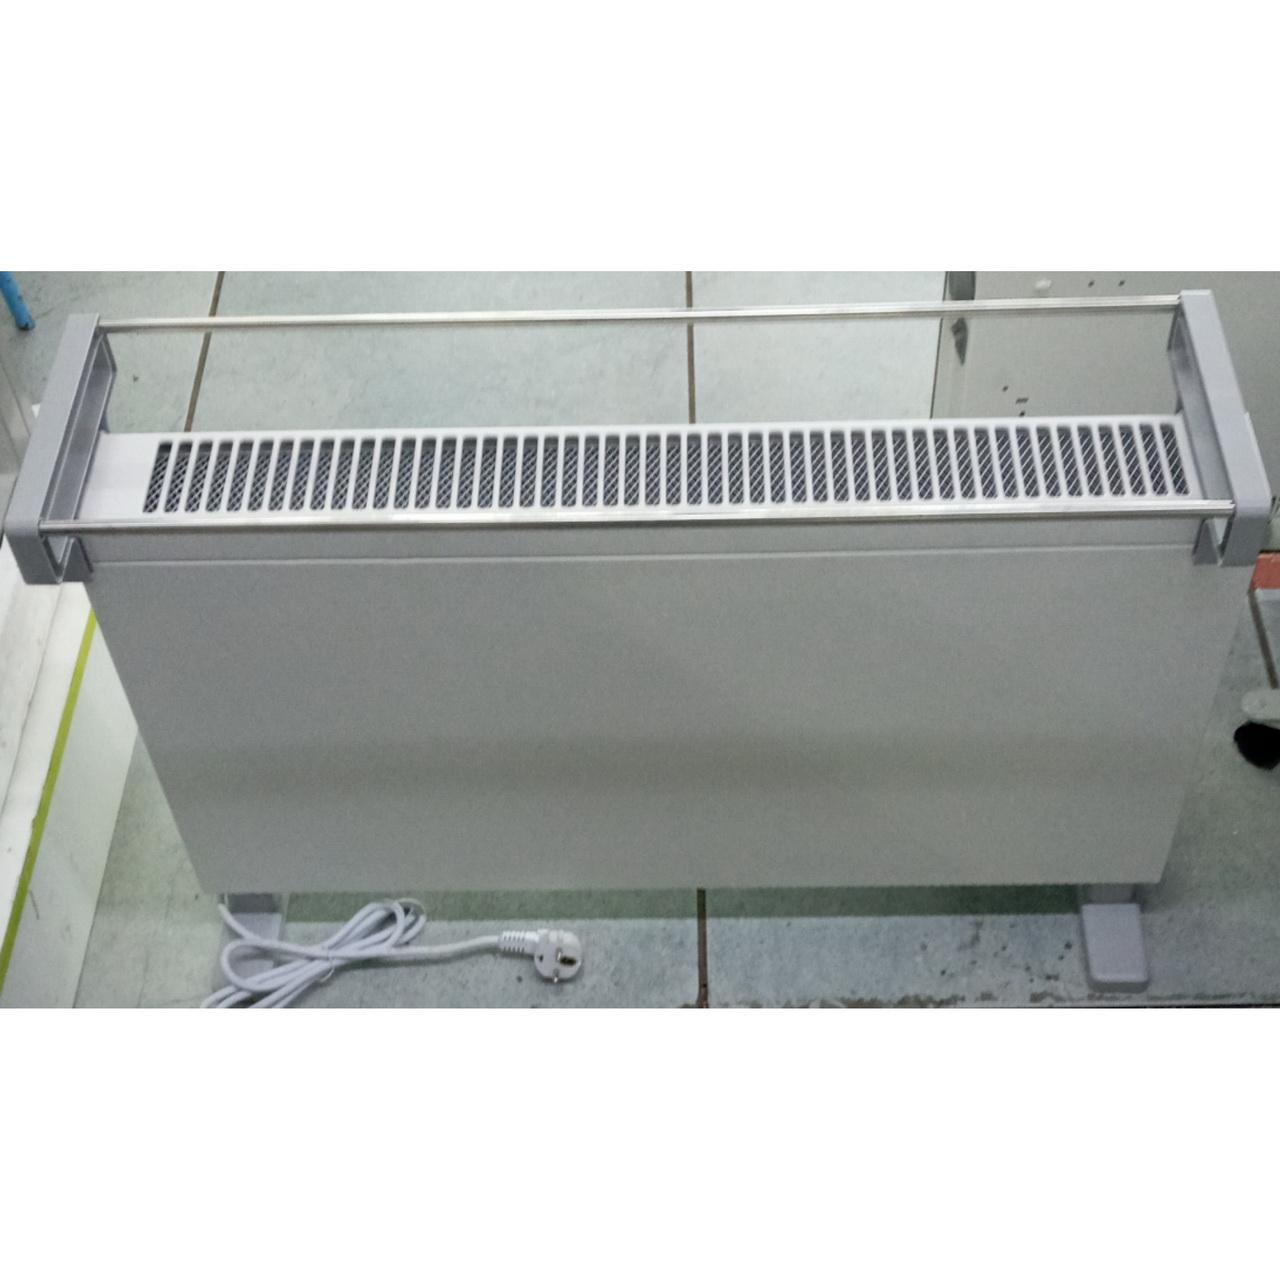 Конвекторный обогреватель Техномир мощностью 2000 Вт с сушилкой